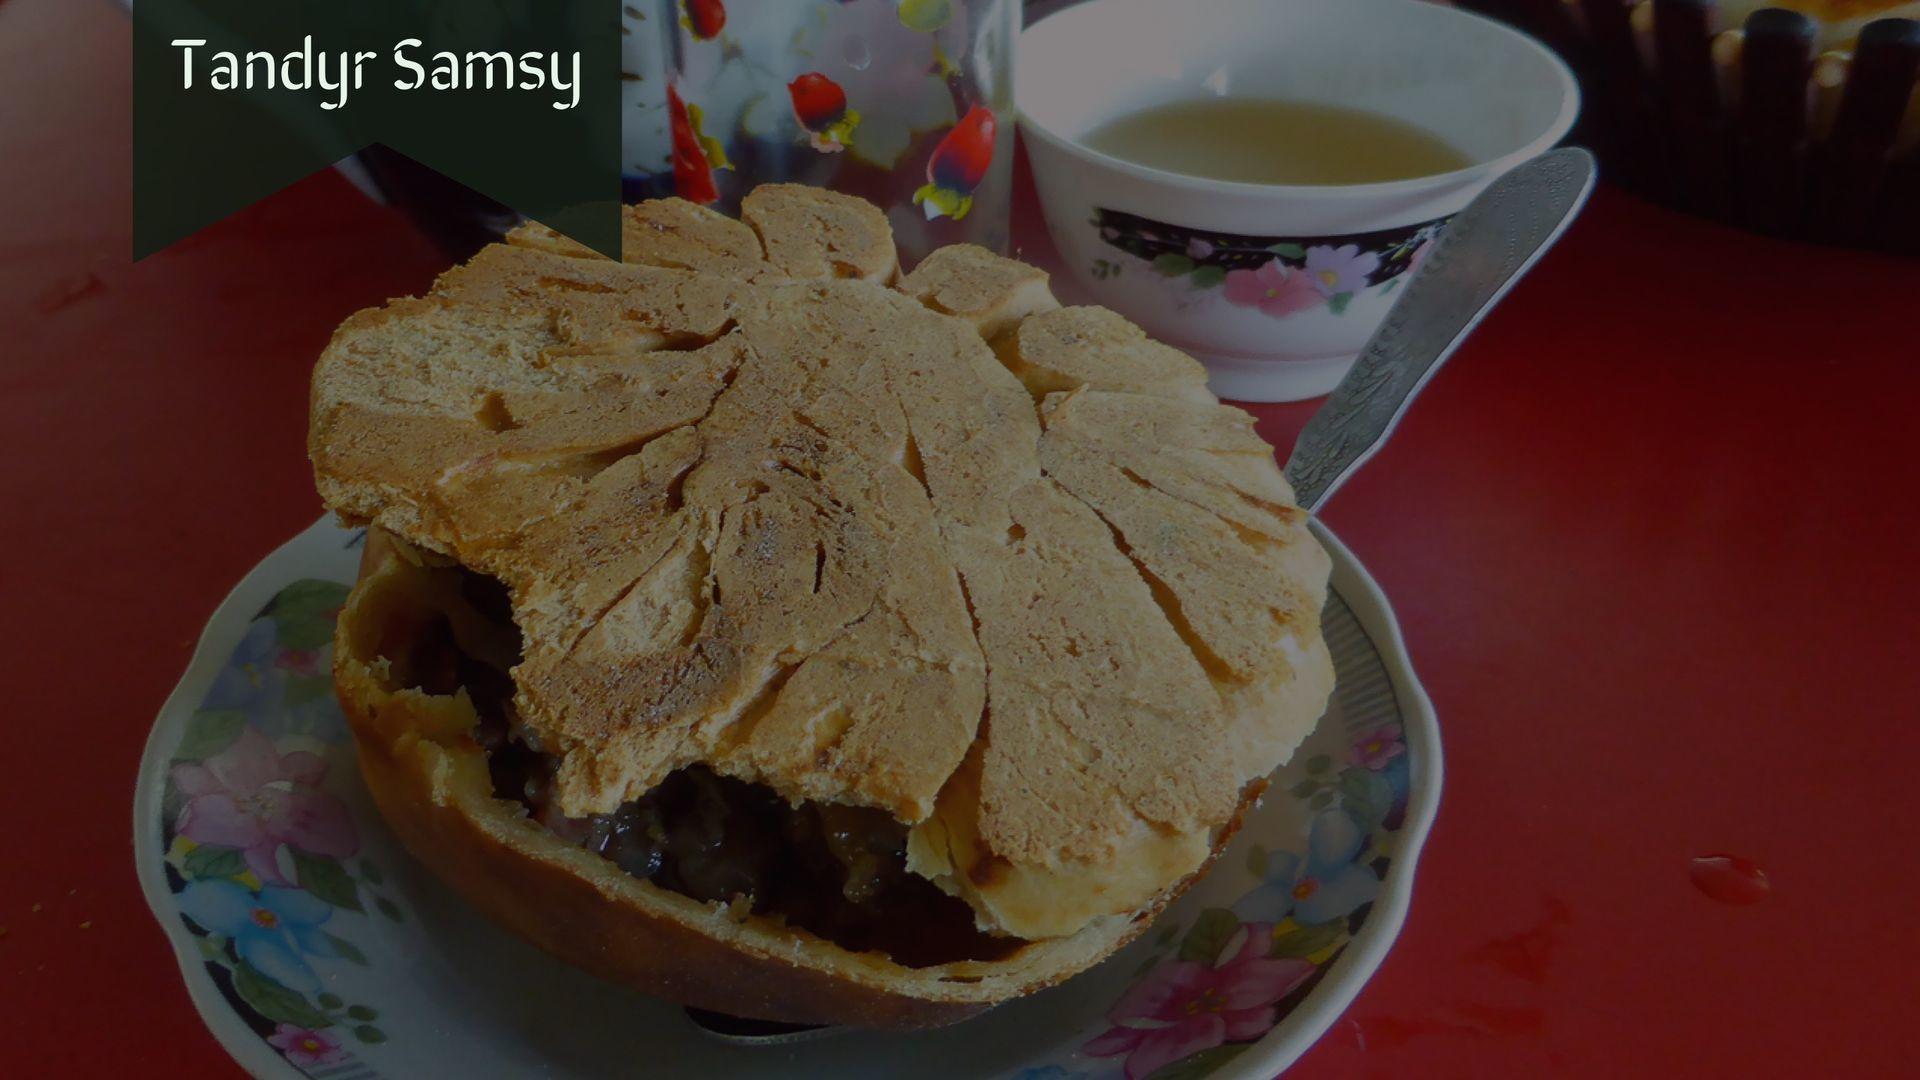 Tandyr Samsy in Osh, Central Asian Cuisine